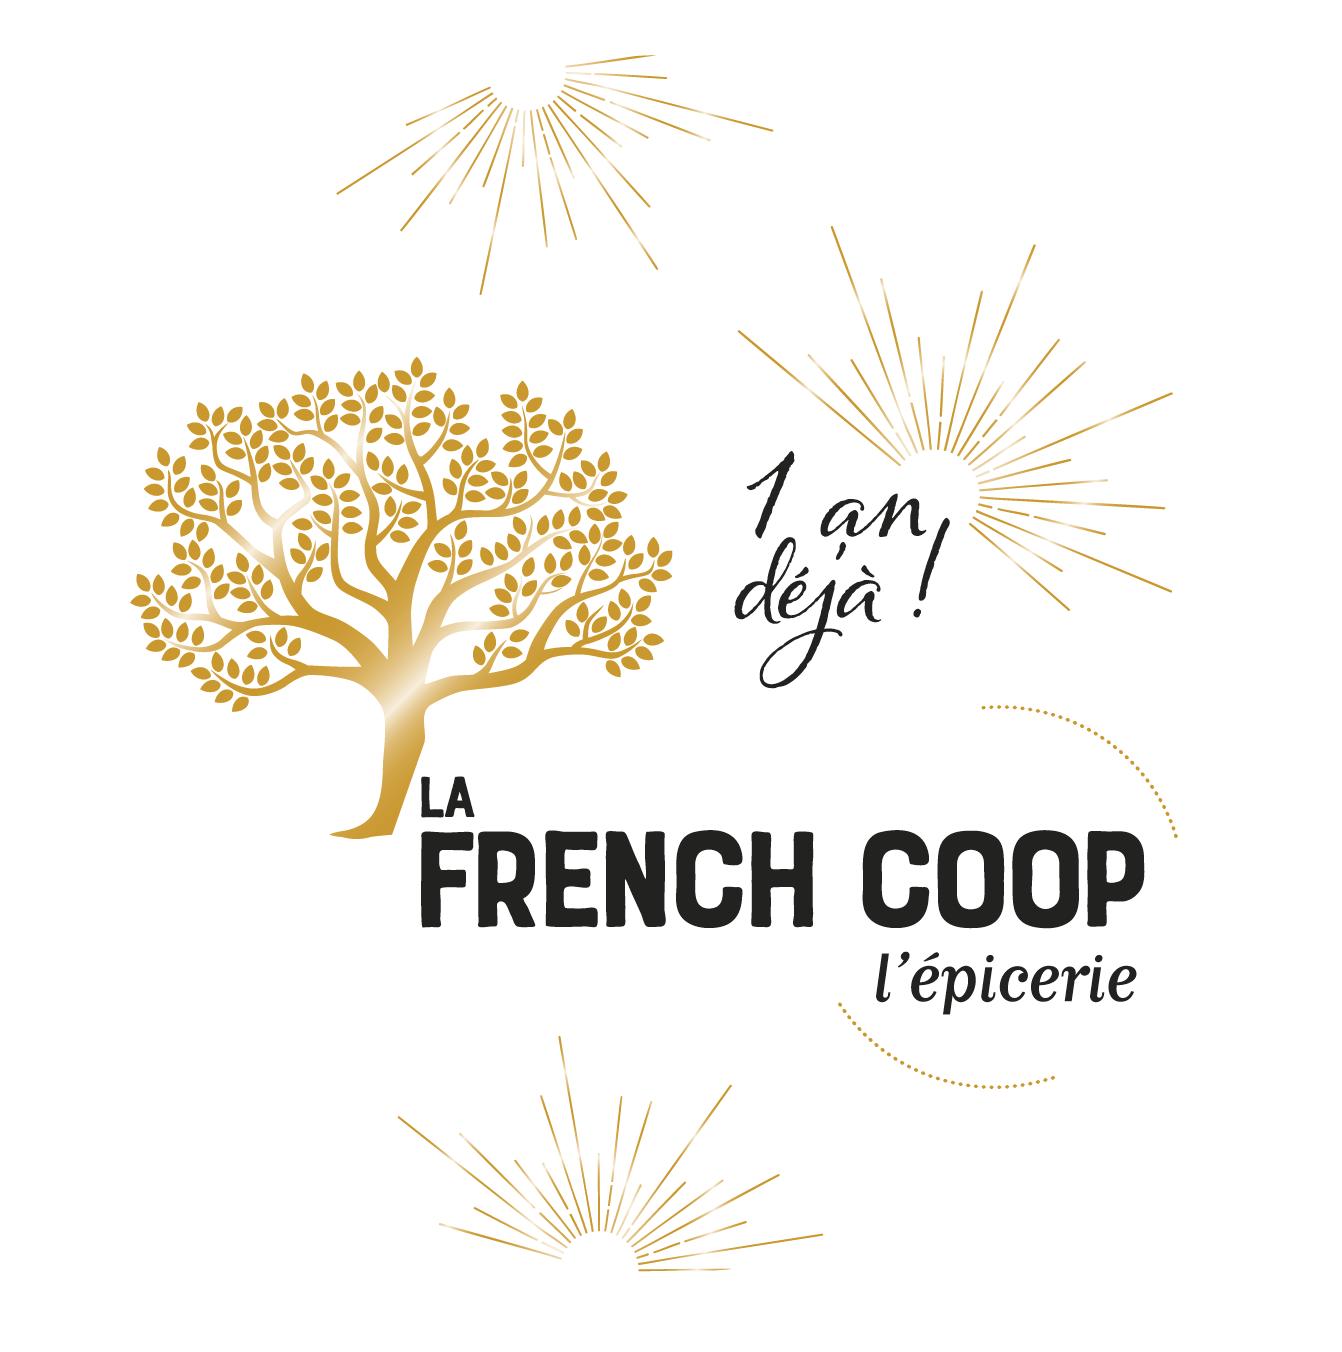 La French Coop l'épicerie fête son premier anniversaire